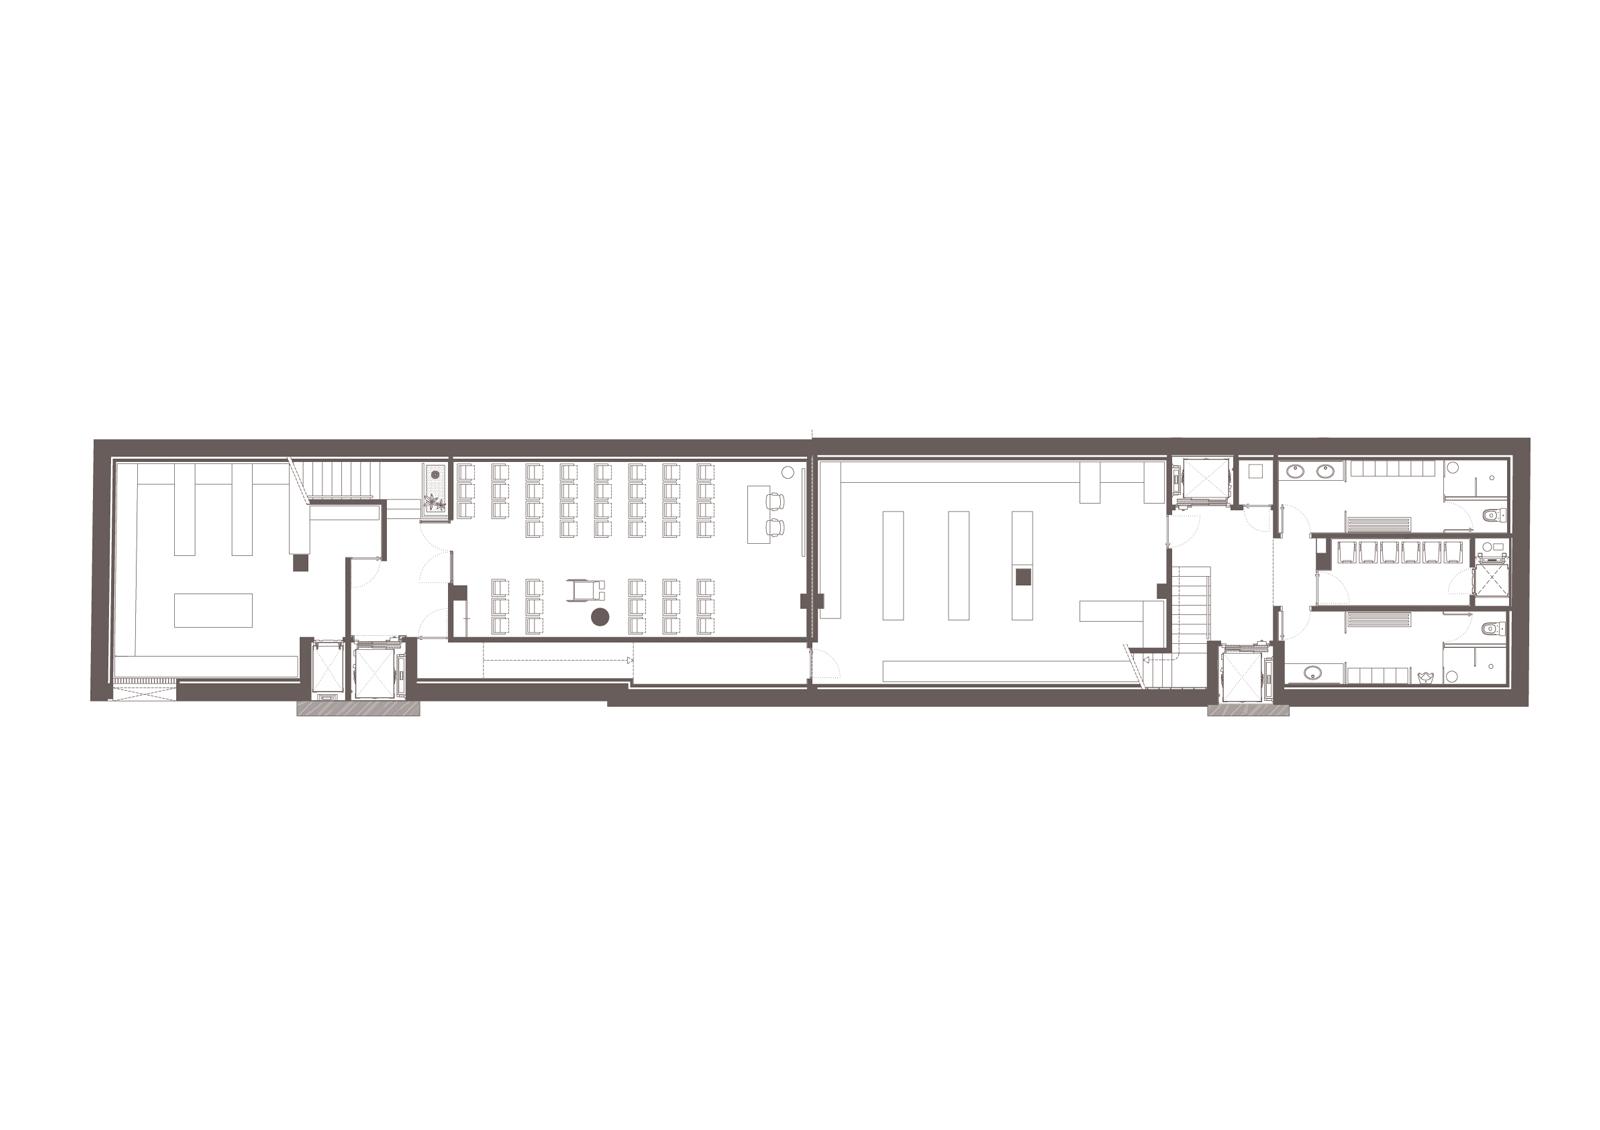 Planta soterrani. Projecte d'obra nova: 2015 Hotel de 4* entre mitgeres